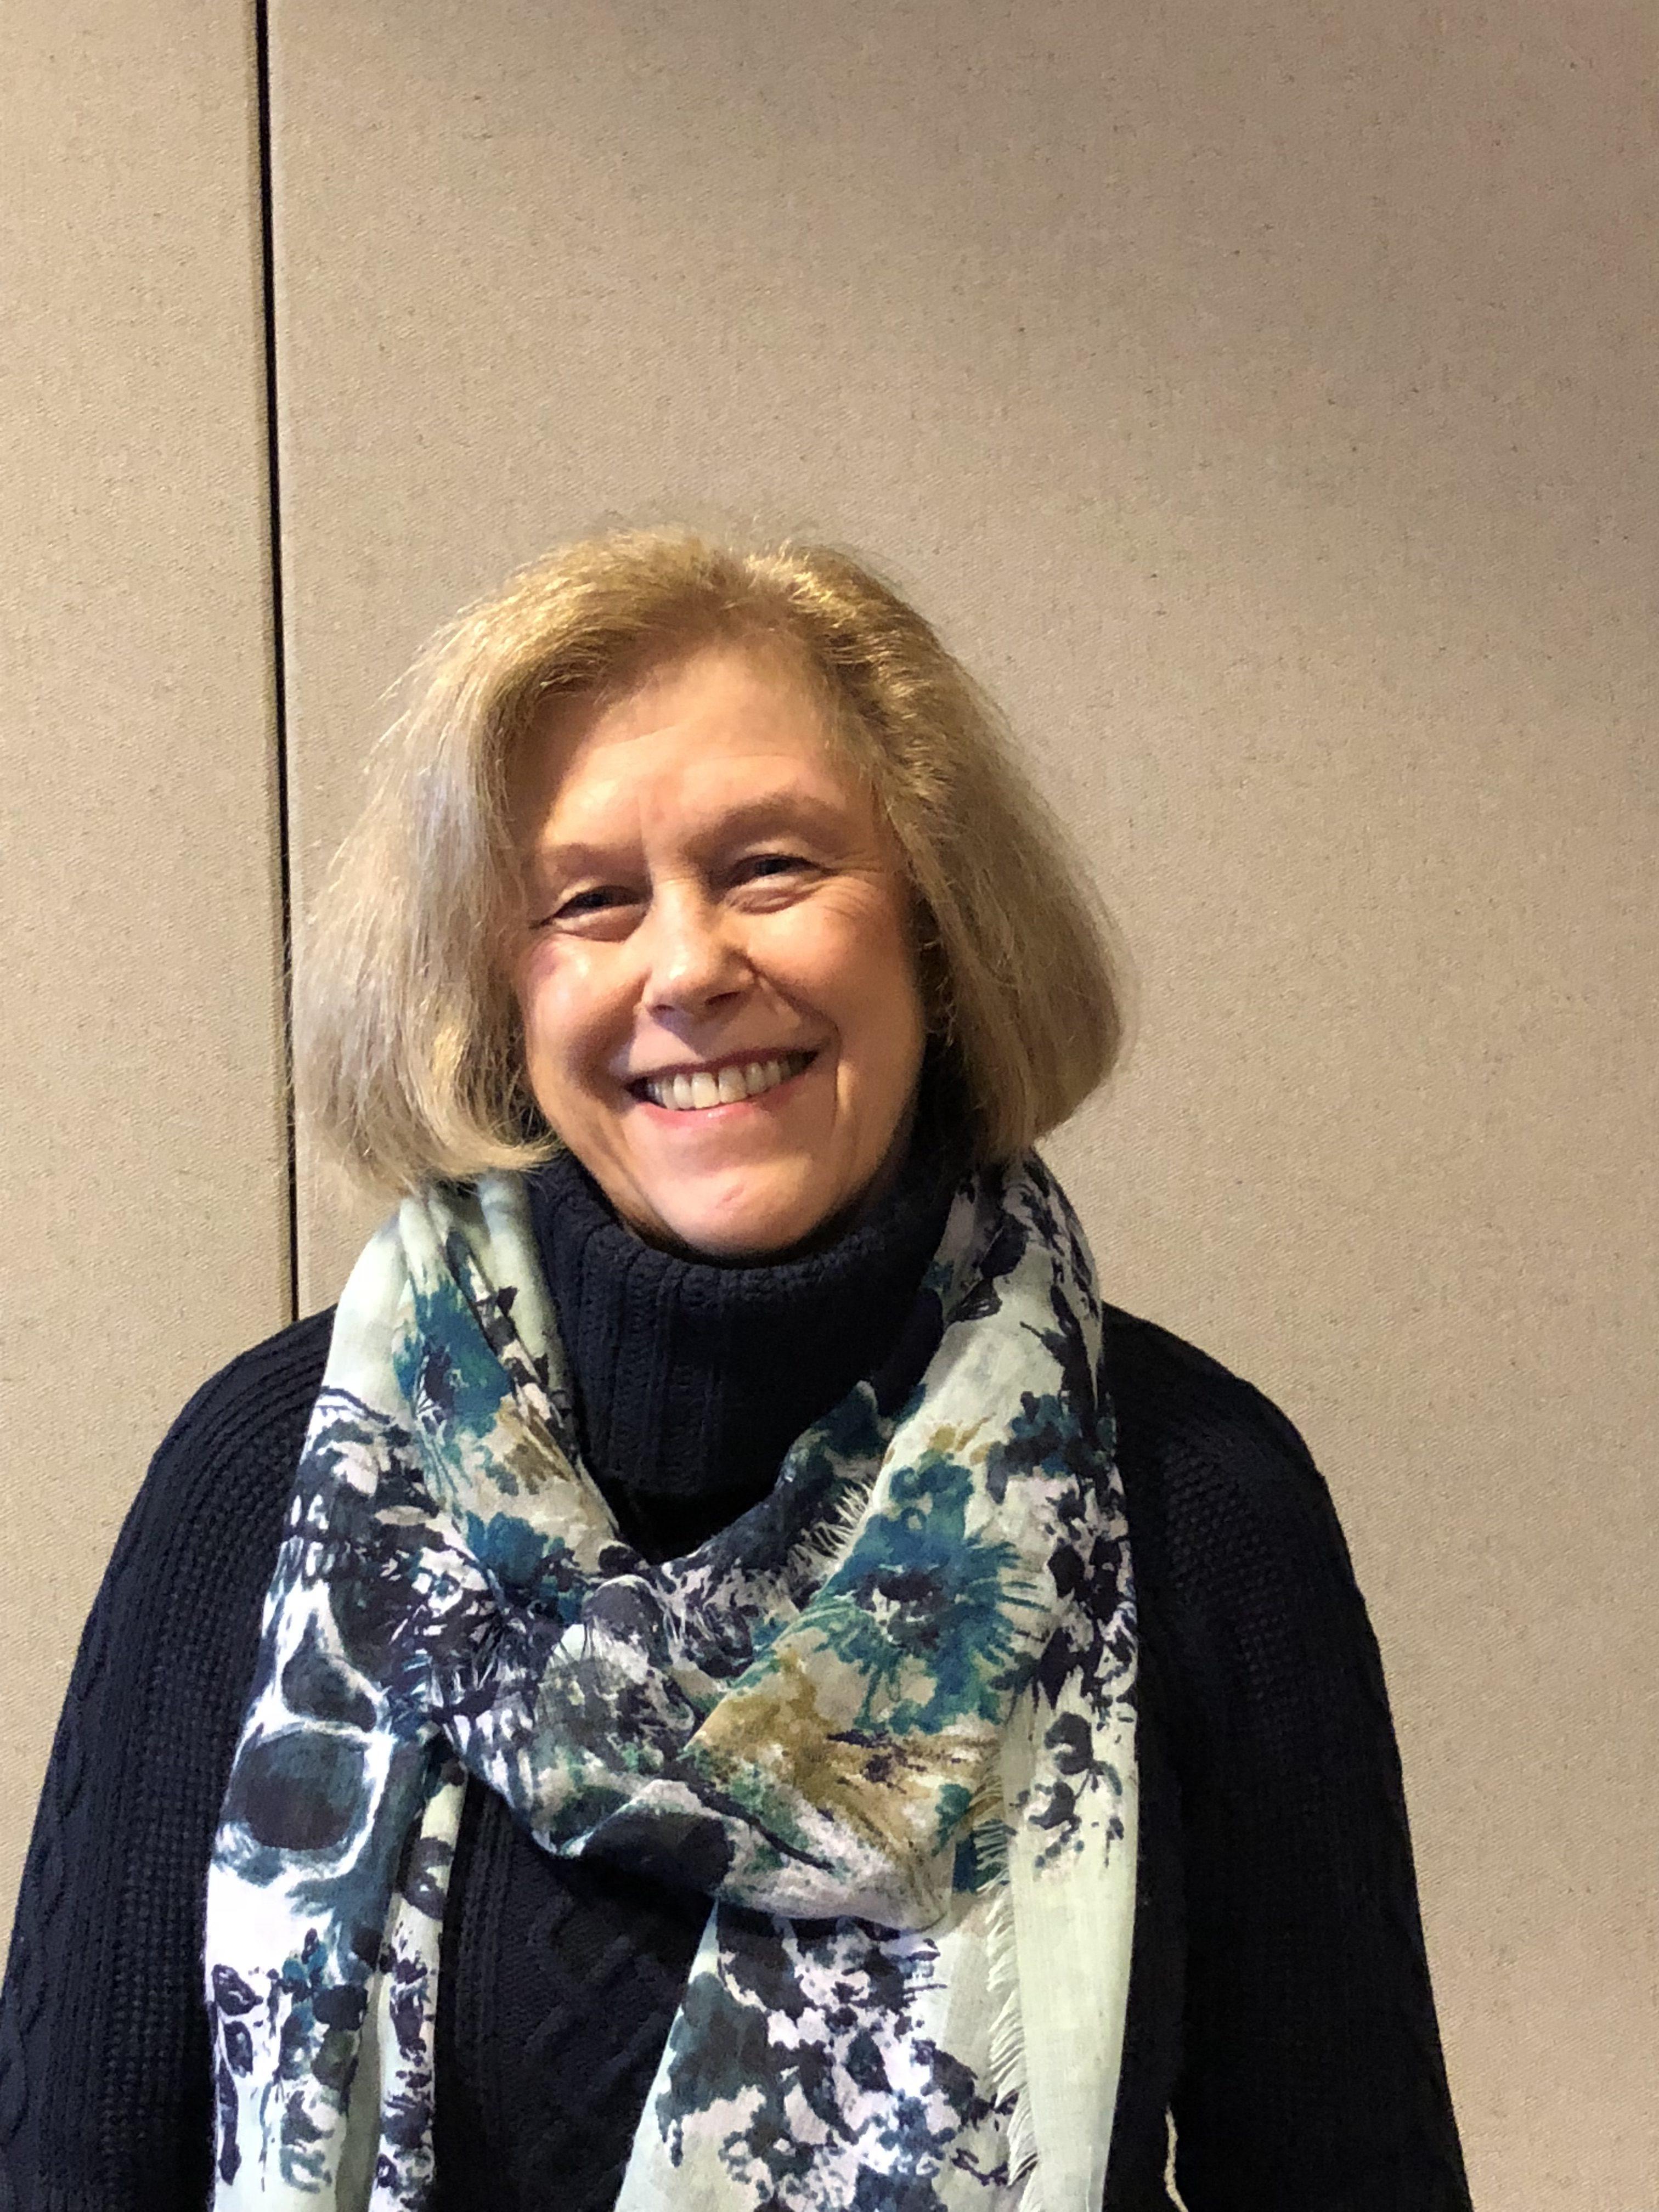 Bonnie Monhart